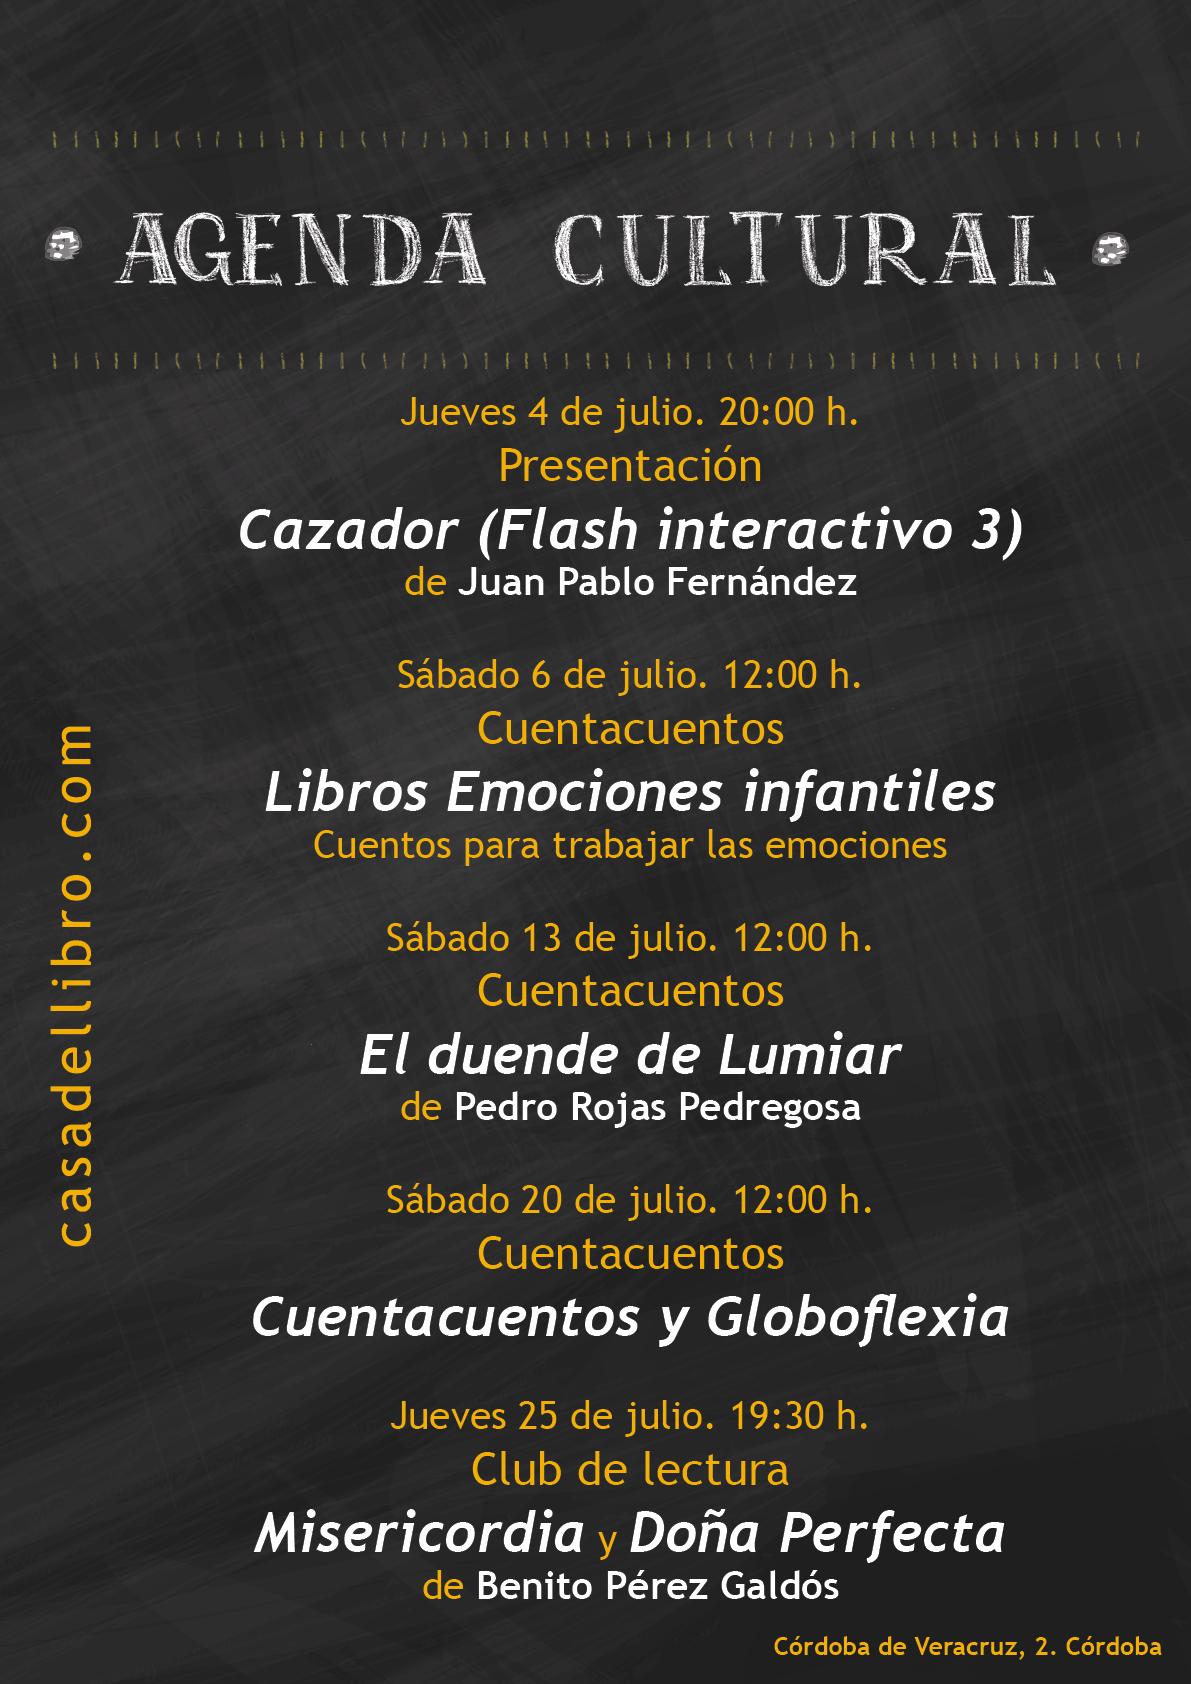 Agenda cultural Librería Córdoba